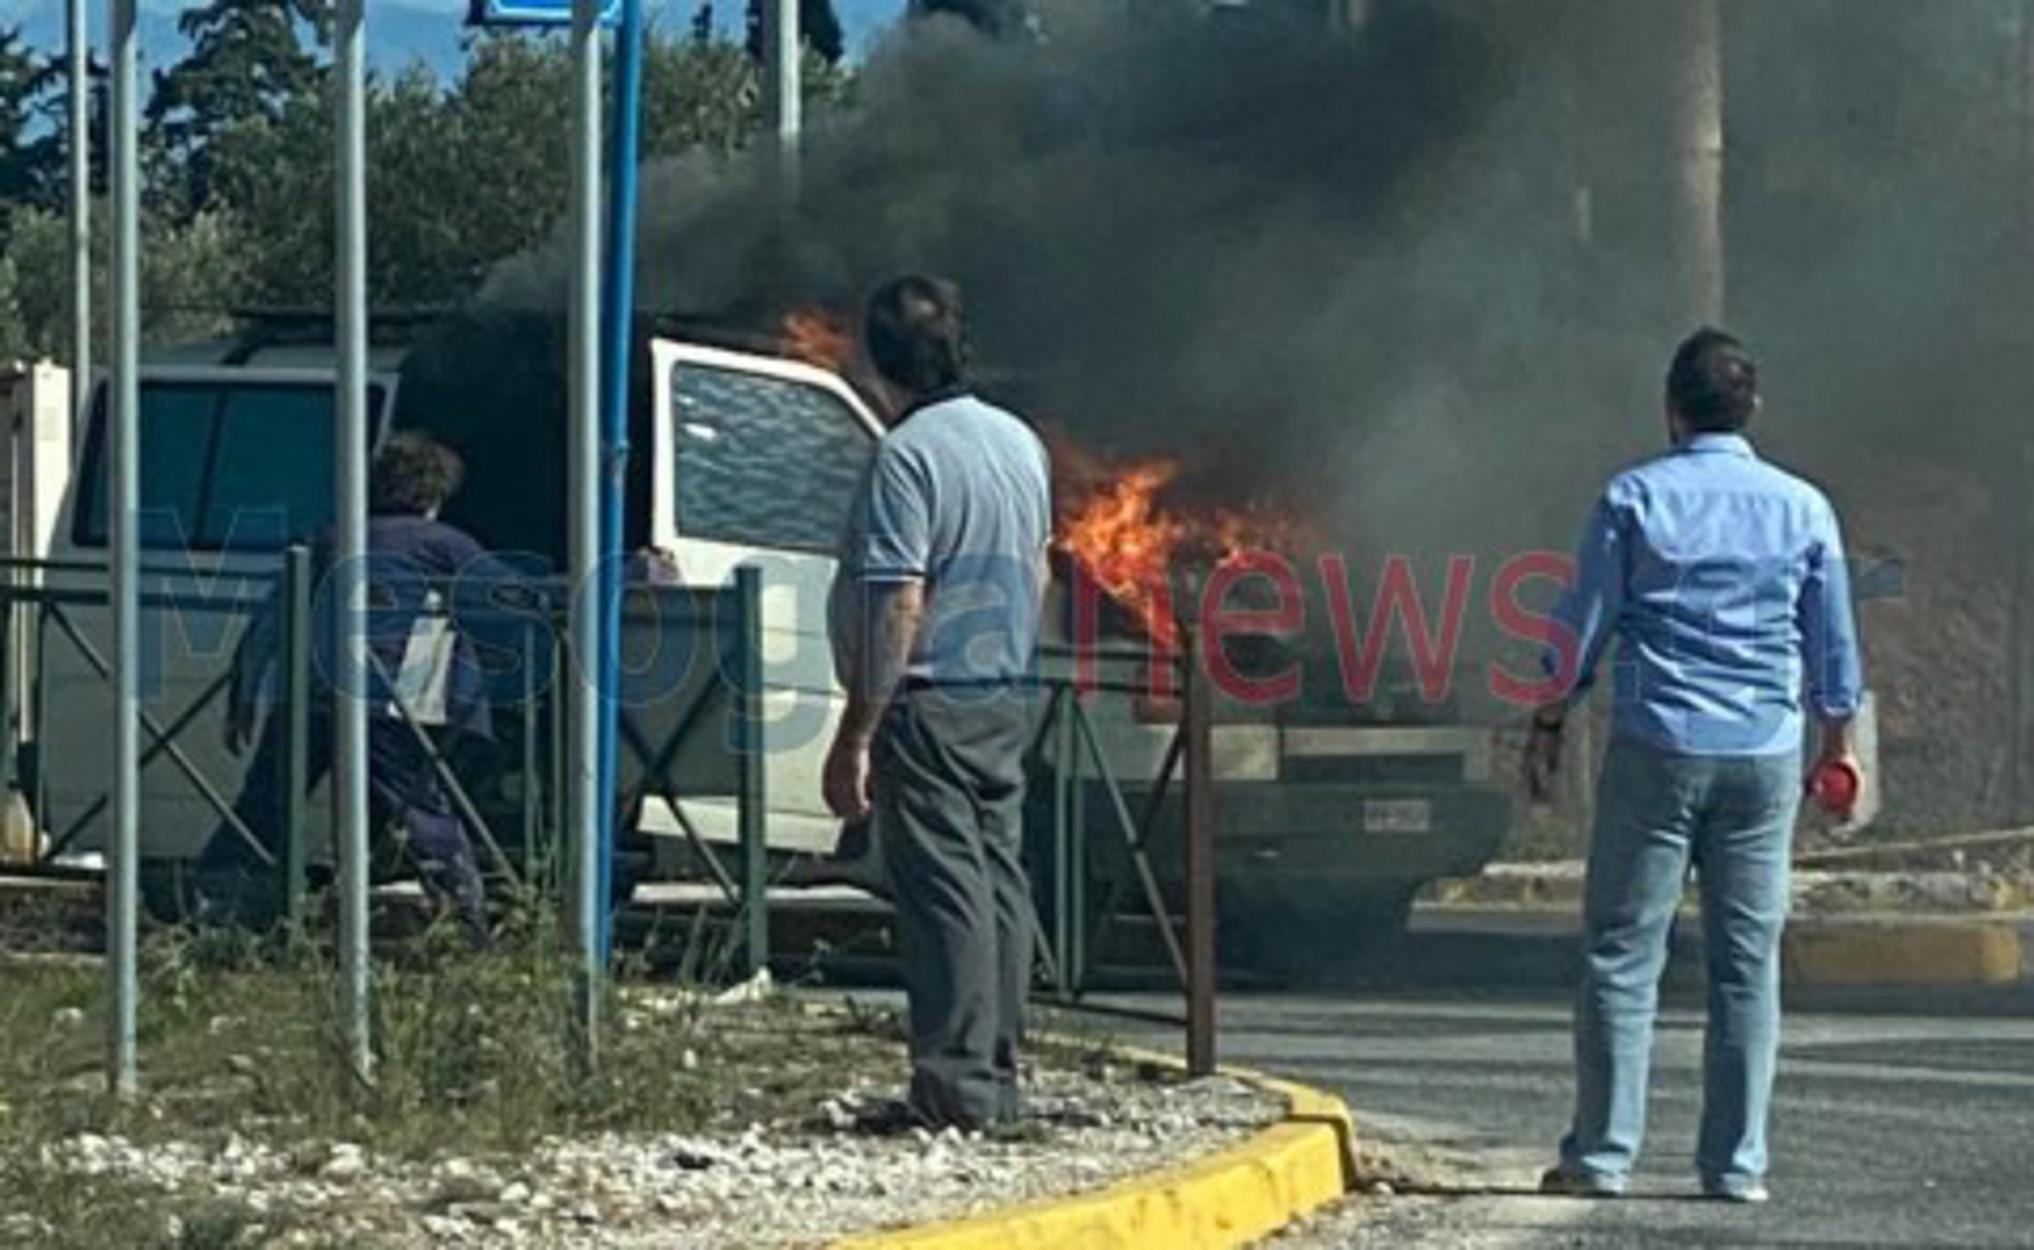 Κορωπί: Βαν τυλίχτηκε στις φλόγες (pic)